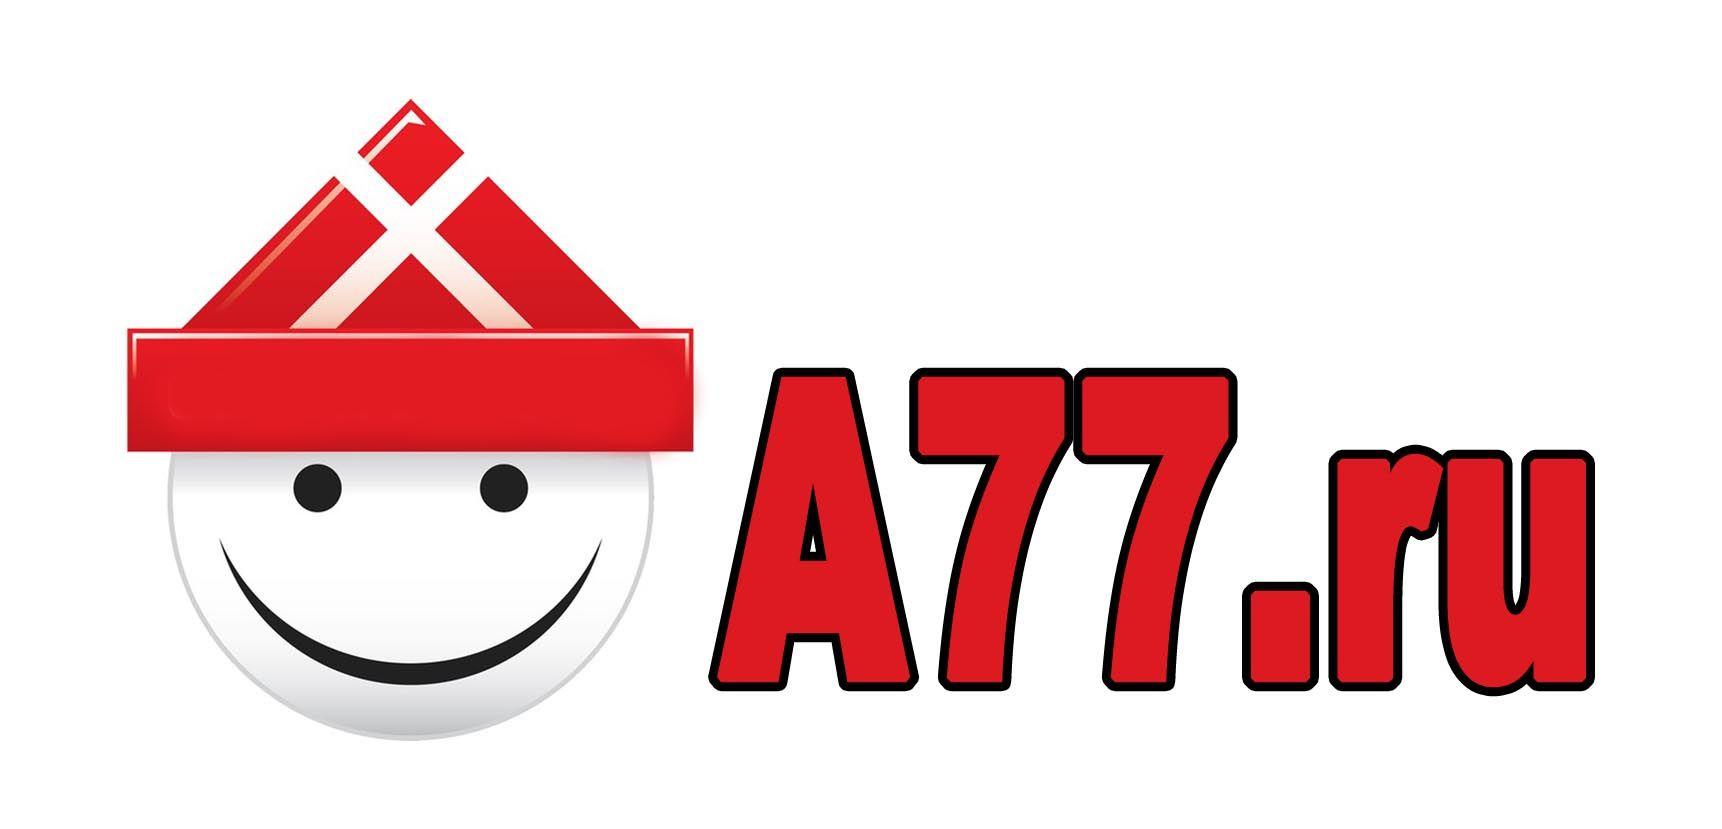 Лого для сайта по коммерческой недвижимости A77.RU - дизайнер aix23